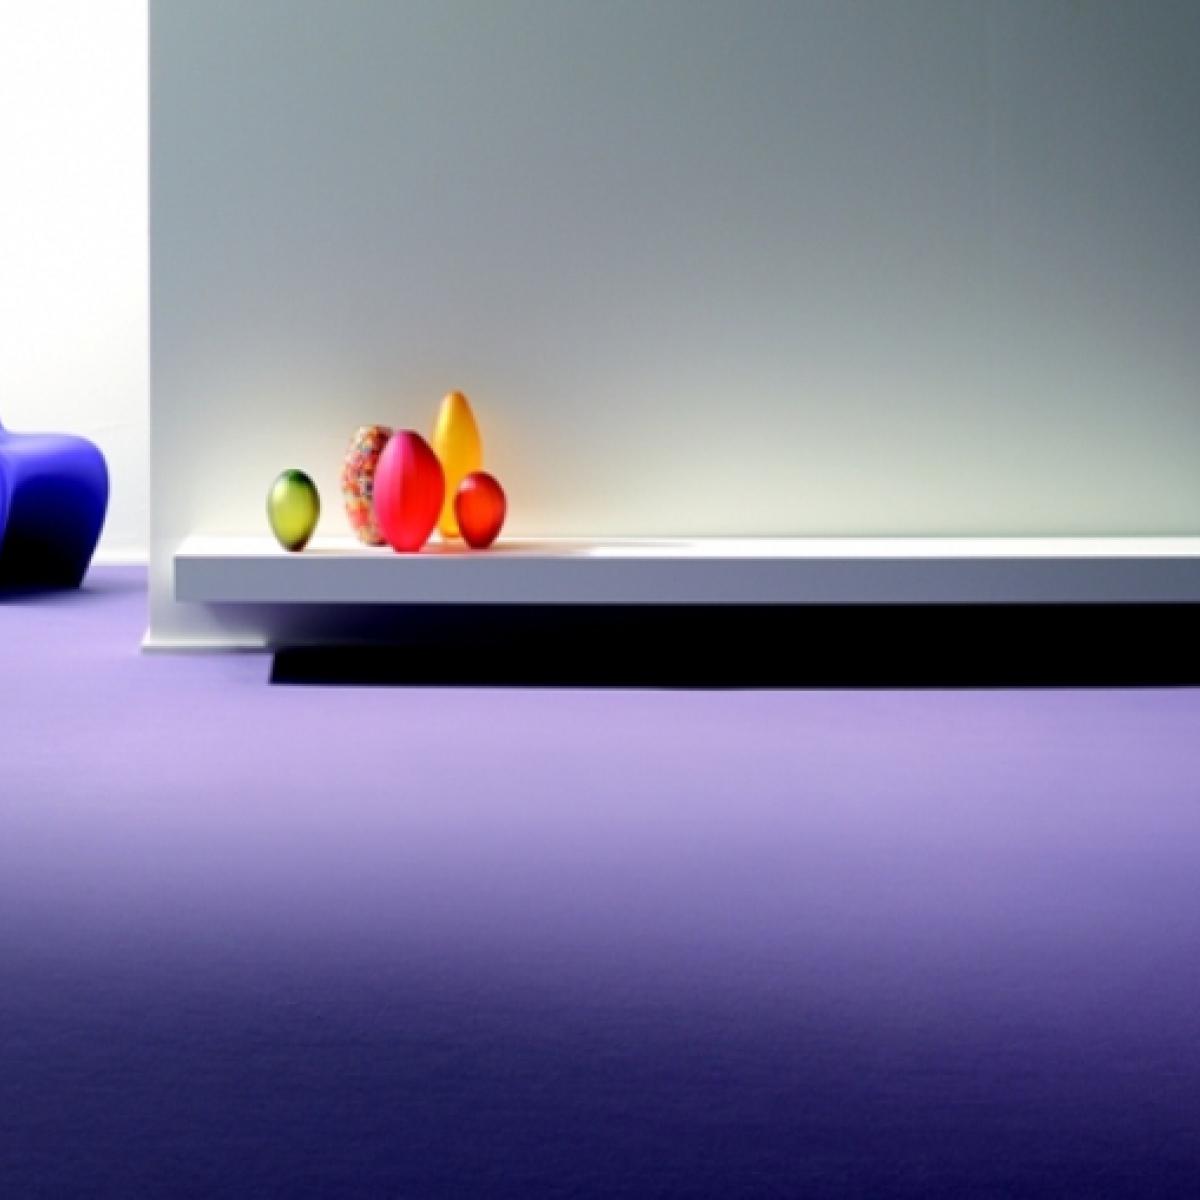 vorwerk fascination raumausstatter with ft sohn dortmund. Black Bedroom Furniture Sets. Home Design Ideas